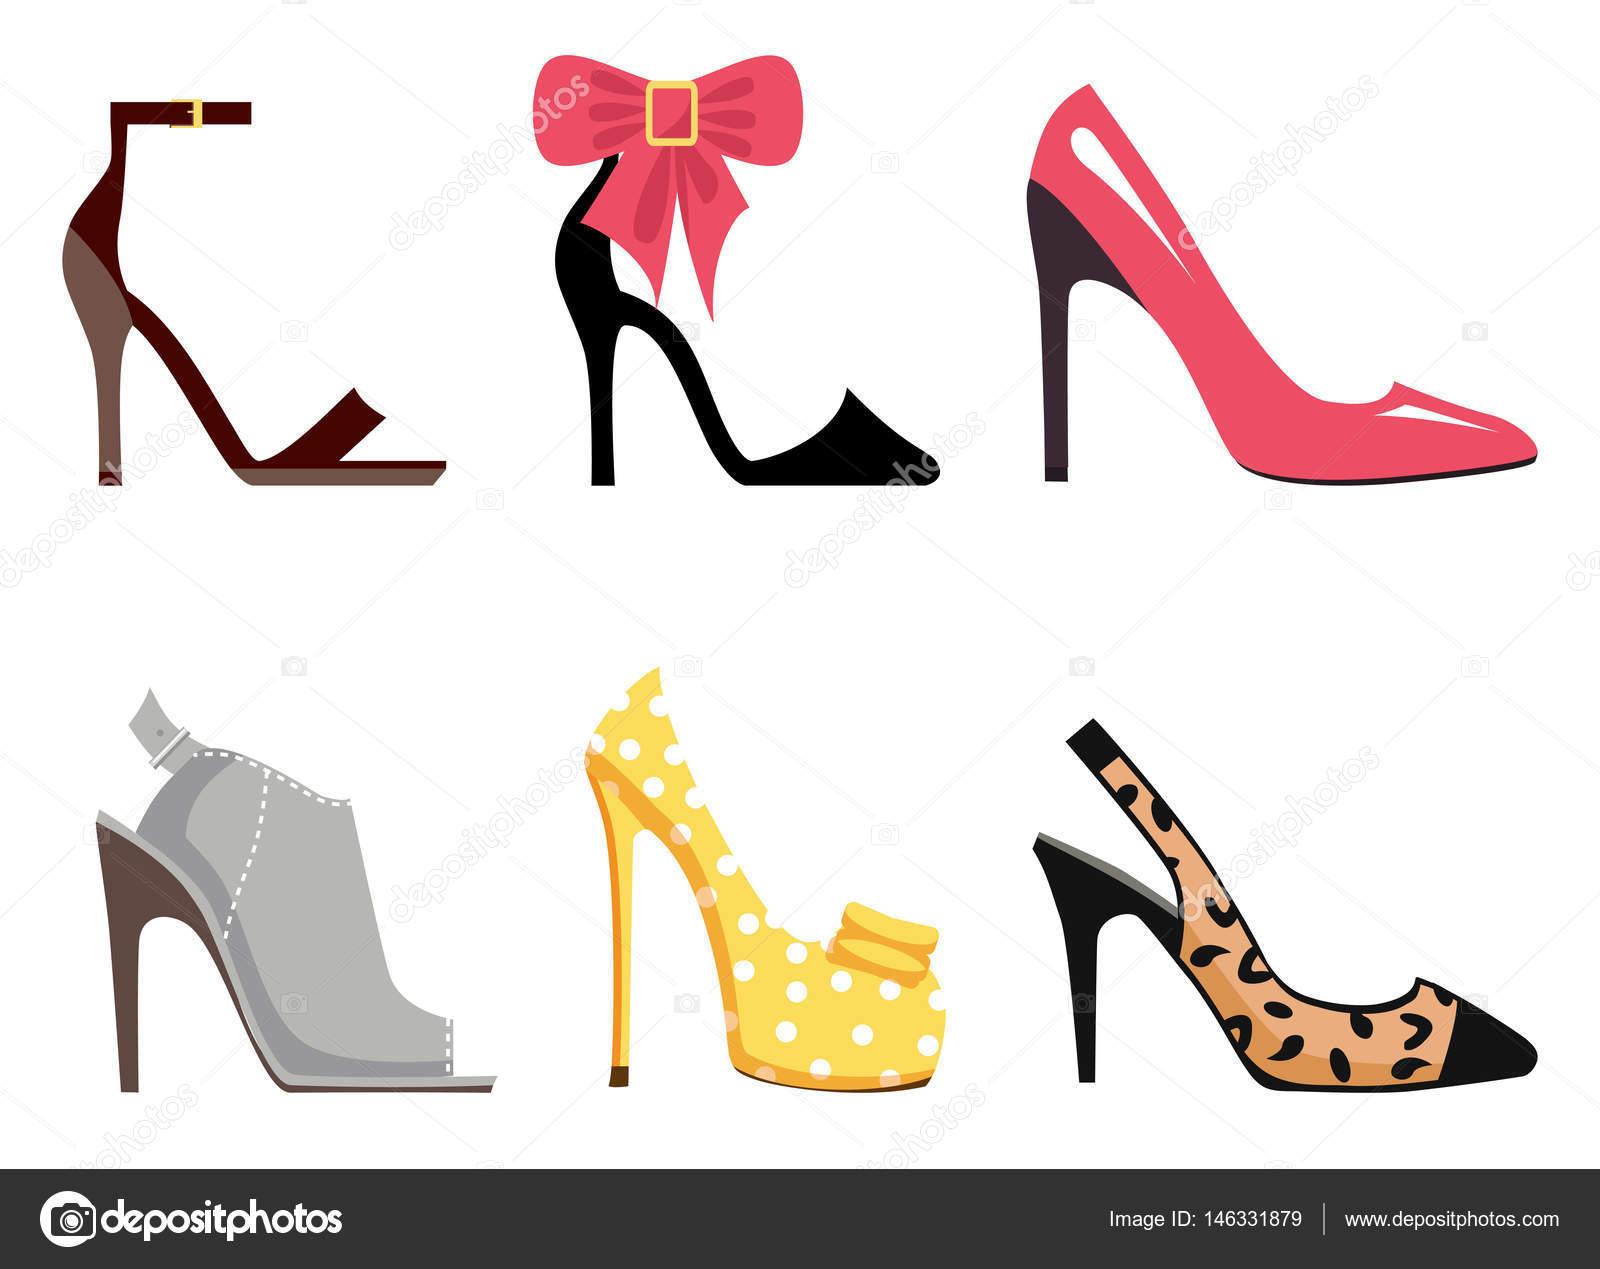 d1be93c1e2f4ac Взуття шкіряне жіноче набір з шести різних взуття кісточка ремінь, Scarpin,  Stiletto, мулів, насос і Slingback взуття на білому тлі.